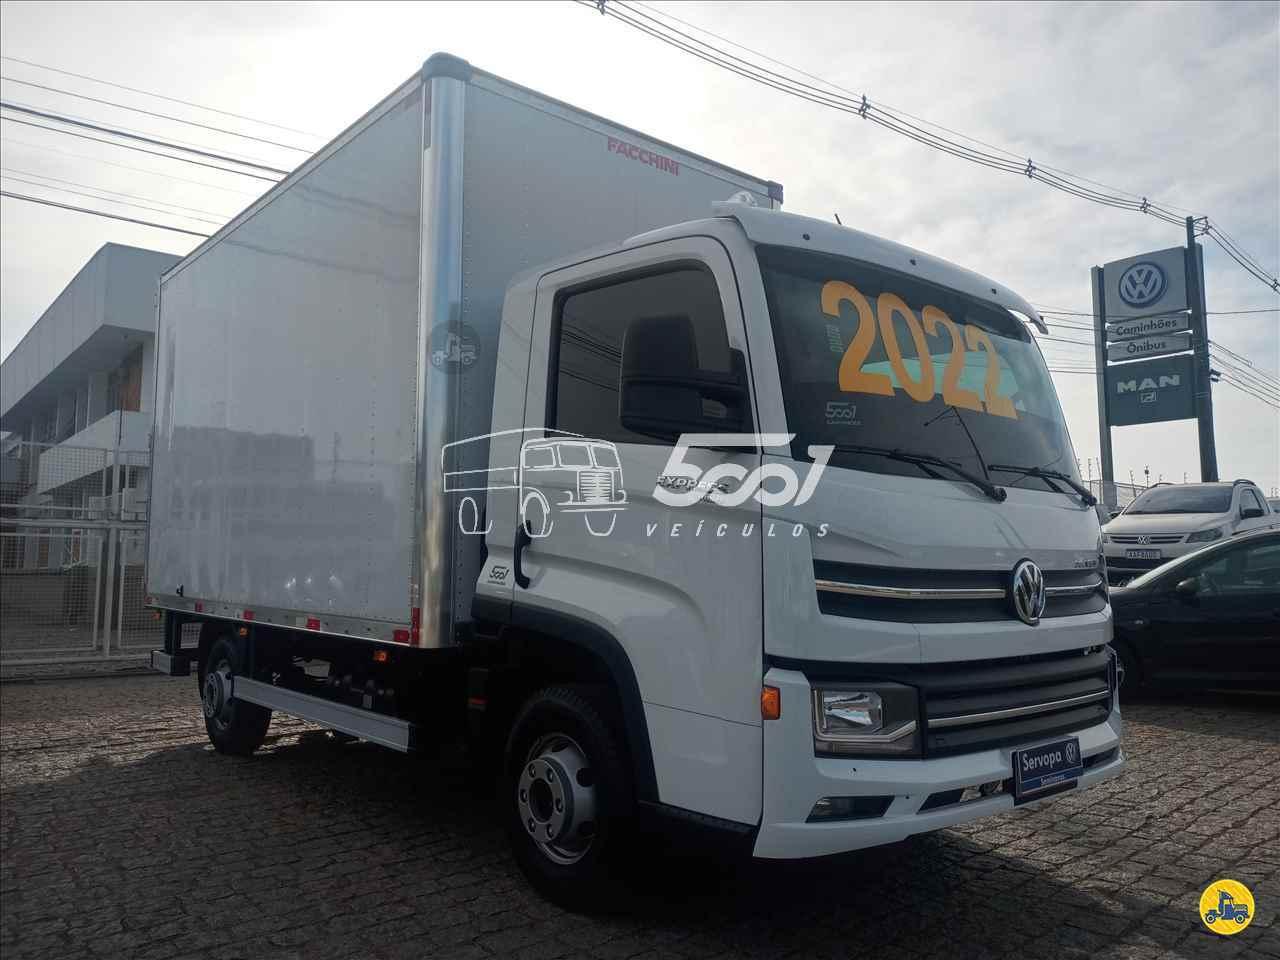 CAMINHAO VOLKSWAGEN DELIVERY EXPRESS Baú Furgão 3/4 4x2 5001 Veículos - Curitiba CURITIBA PARANÁ PR